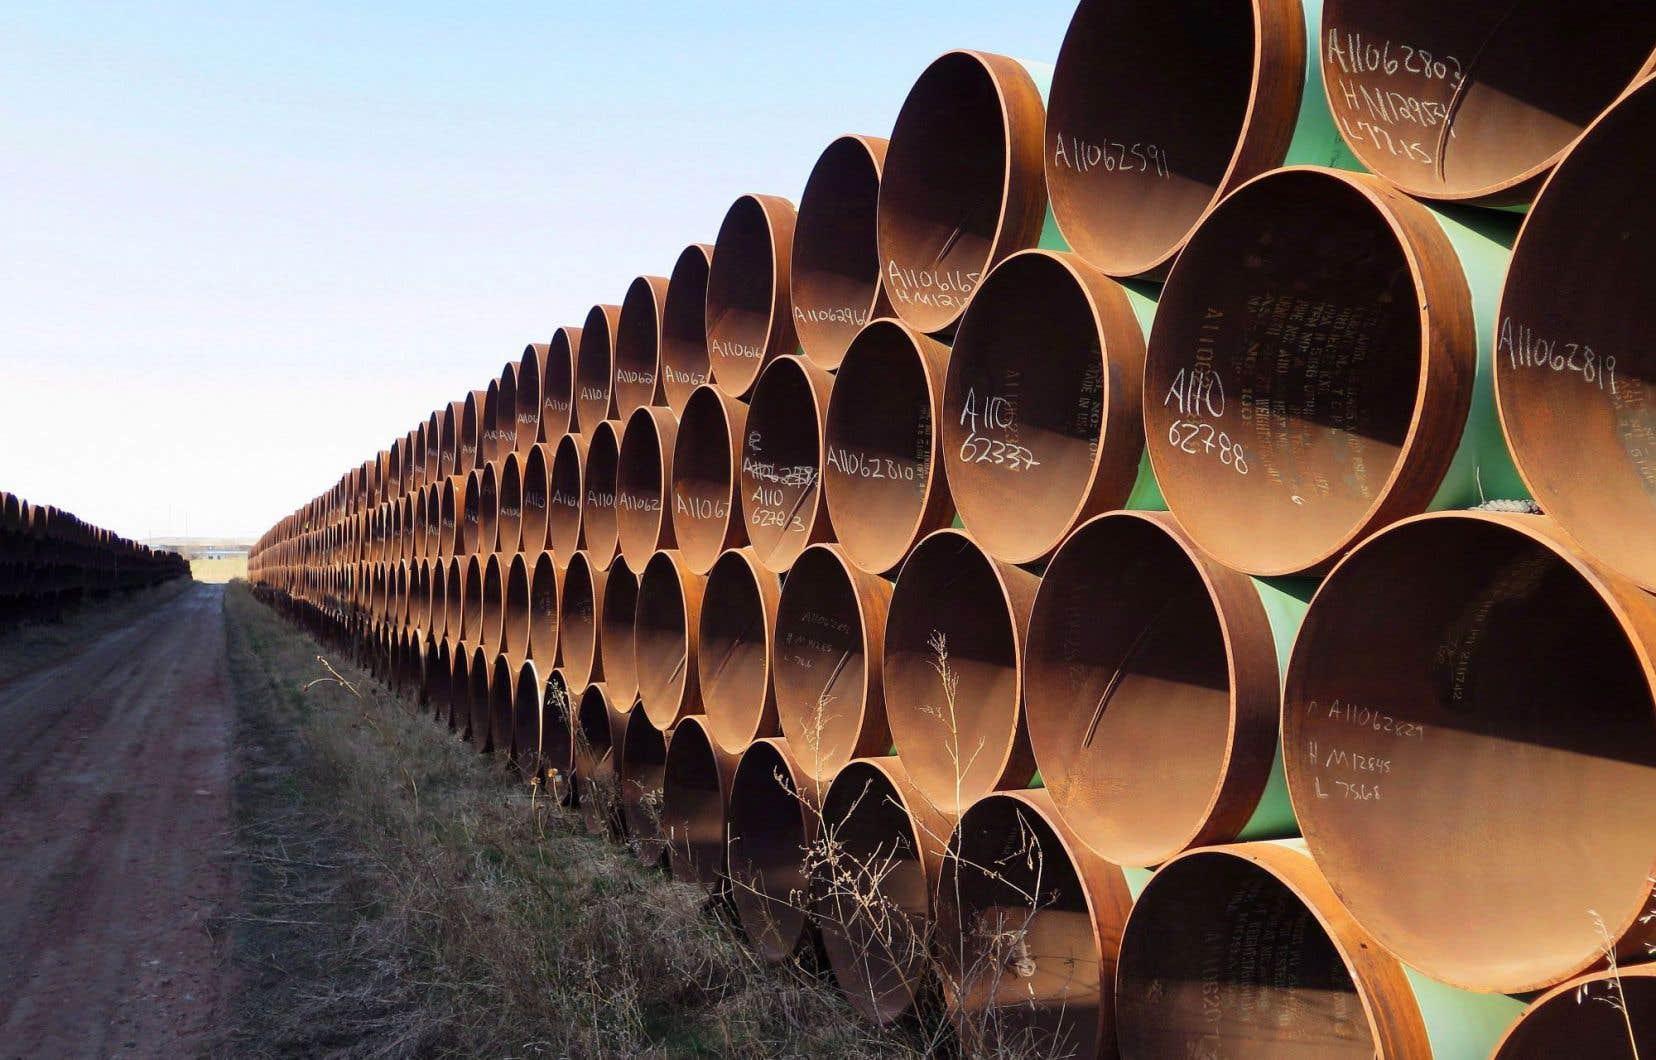 Le pipeline transporterait chaque année 400 millions de tonnes de pétrole.